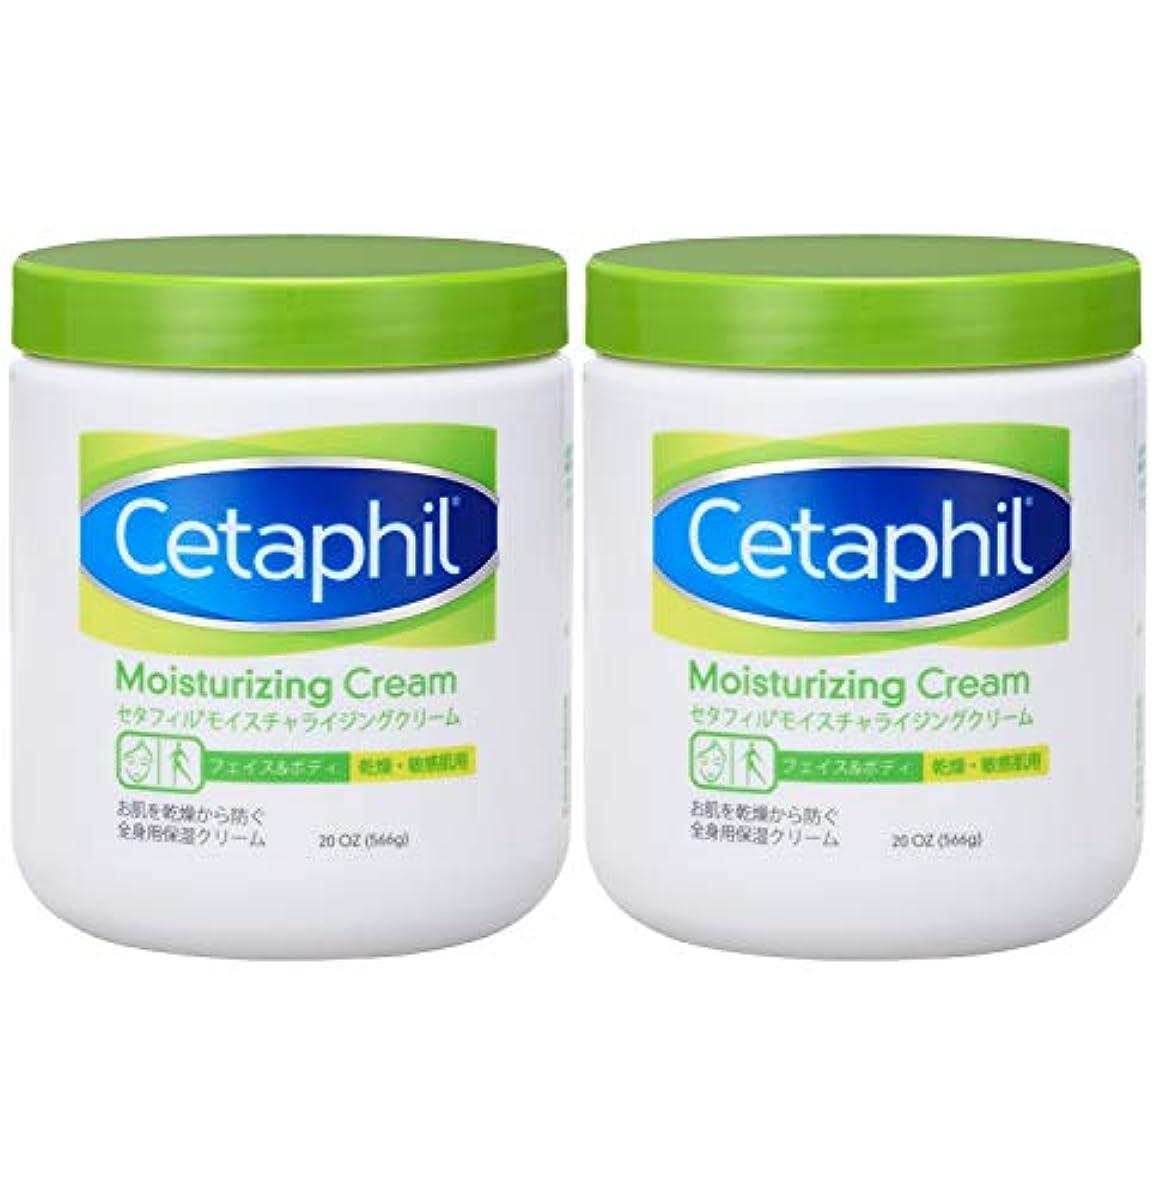 ぐるぐる苗抜本的なセタフィル Cetaphil ® モイスチャライジングクリーム 566ml 2本組 ( フェイス & ボディ 保湿クリーム クリーム )